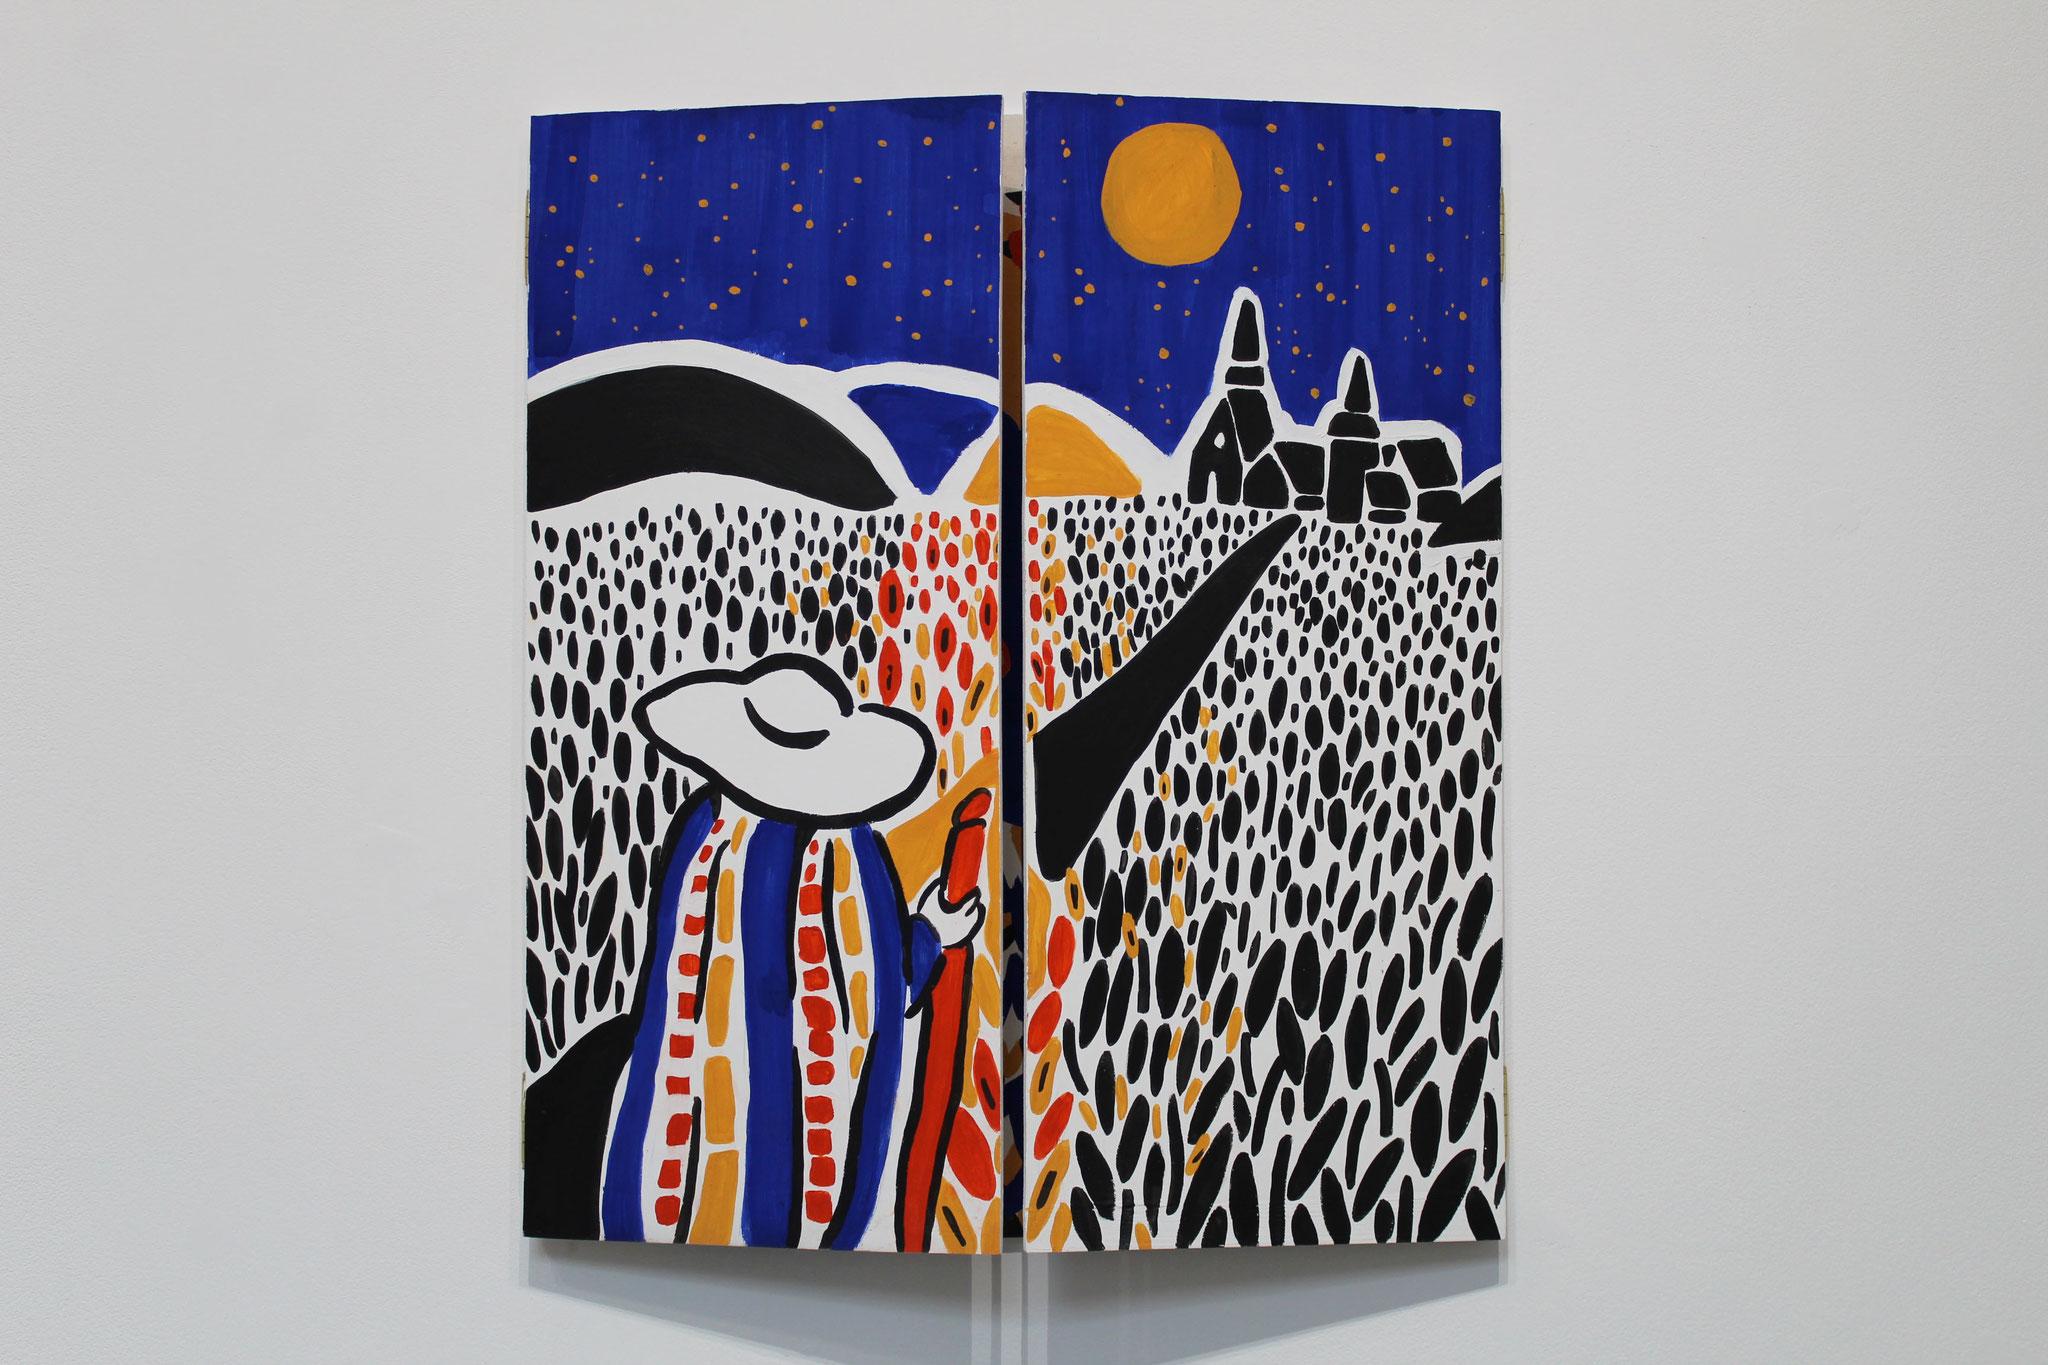 Métamorphose I : Bugel-nôz, peinture naturelle sur bois, 120 x 70 cm ouvert, 60 x 70 fermé